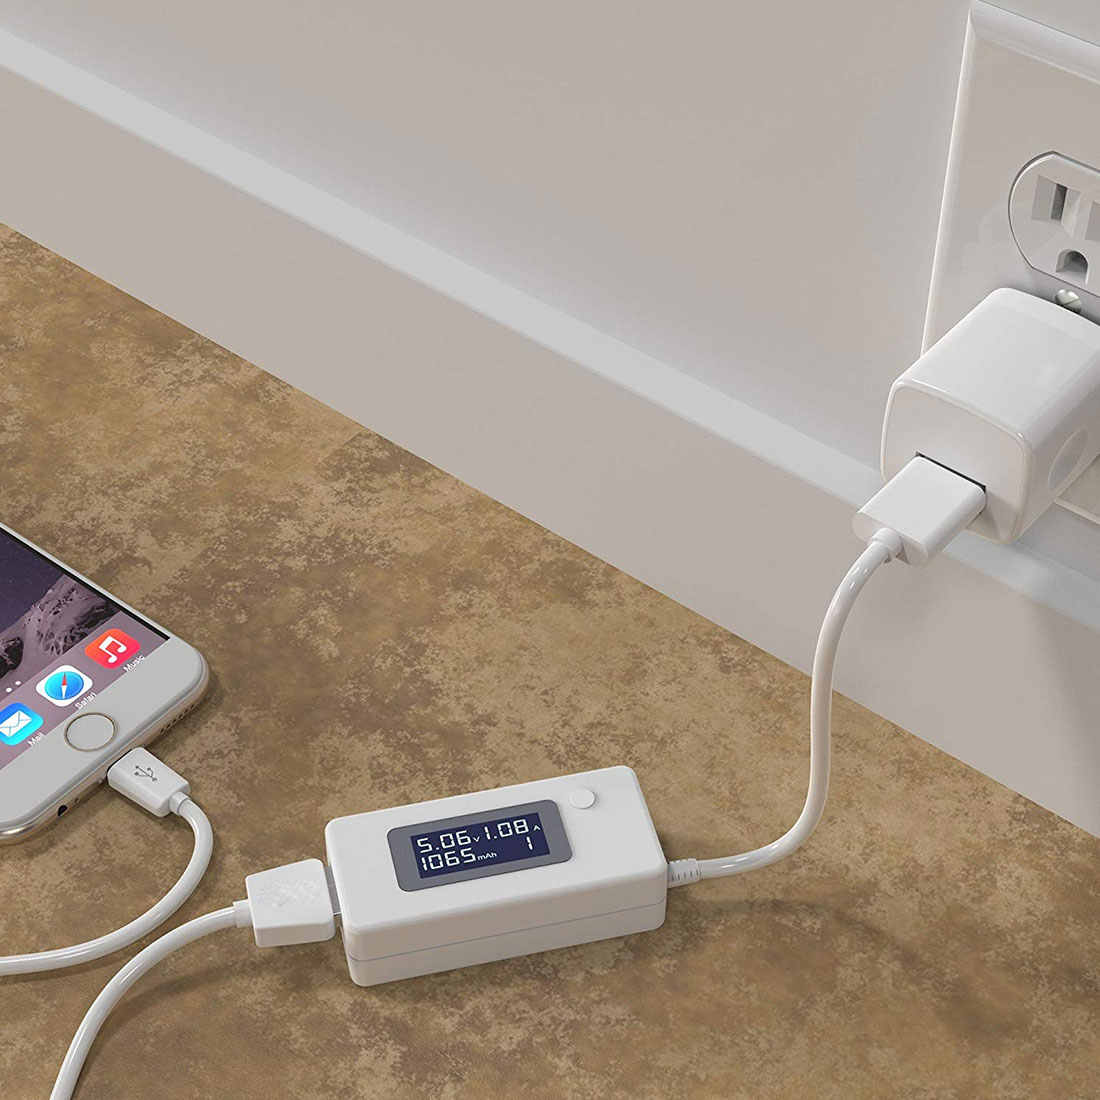 USB di corrente e rilevatore di tensione A CRISTALLI LIQUIDI Digital Del Telefono USB Tester Portatile Rilevatore di Batteria capacità Della Batteria tester